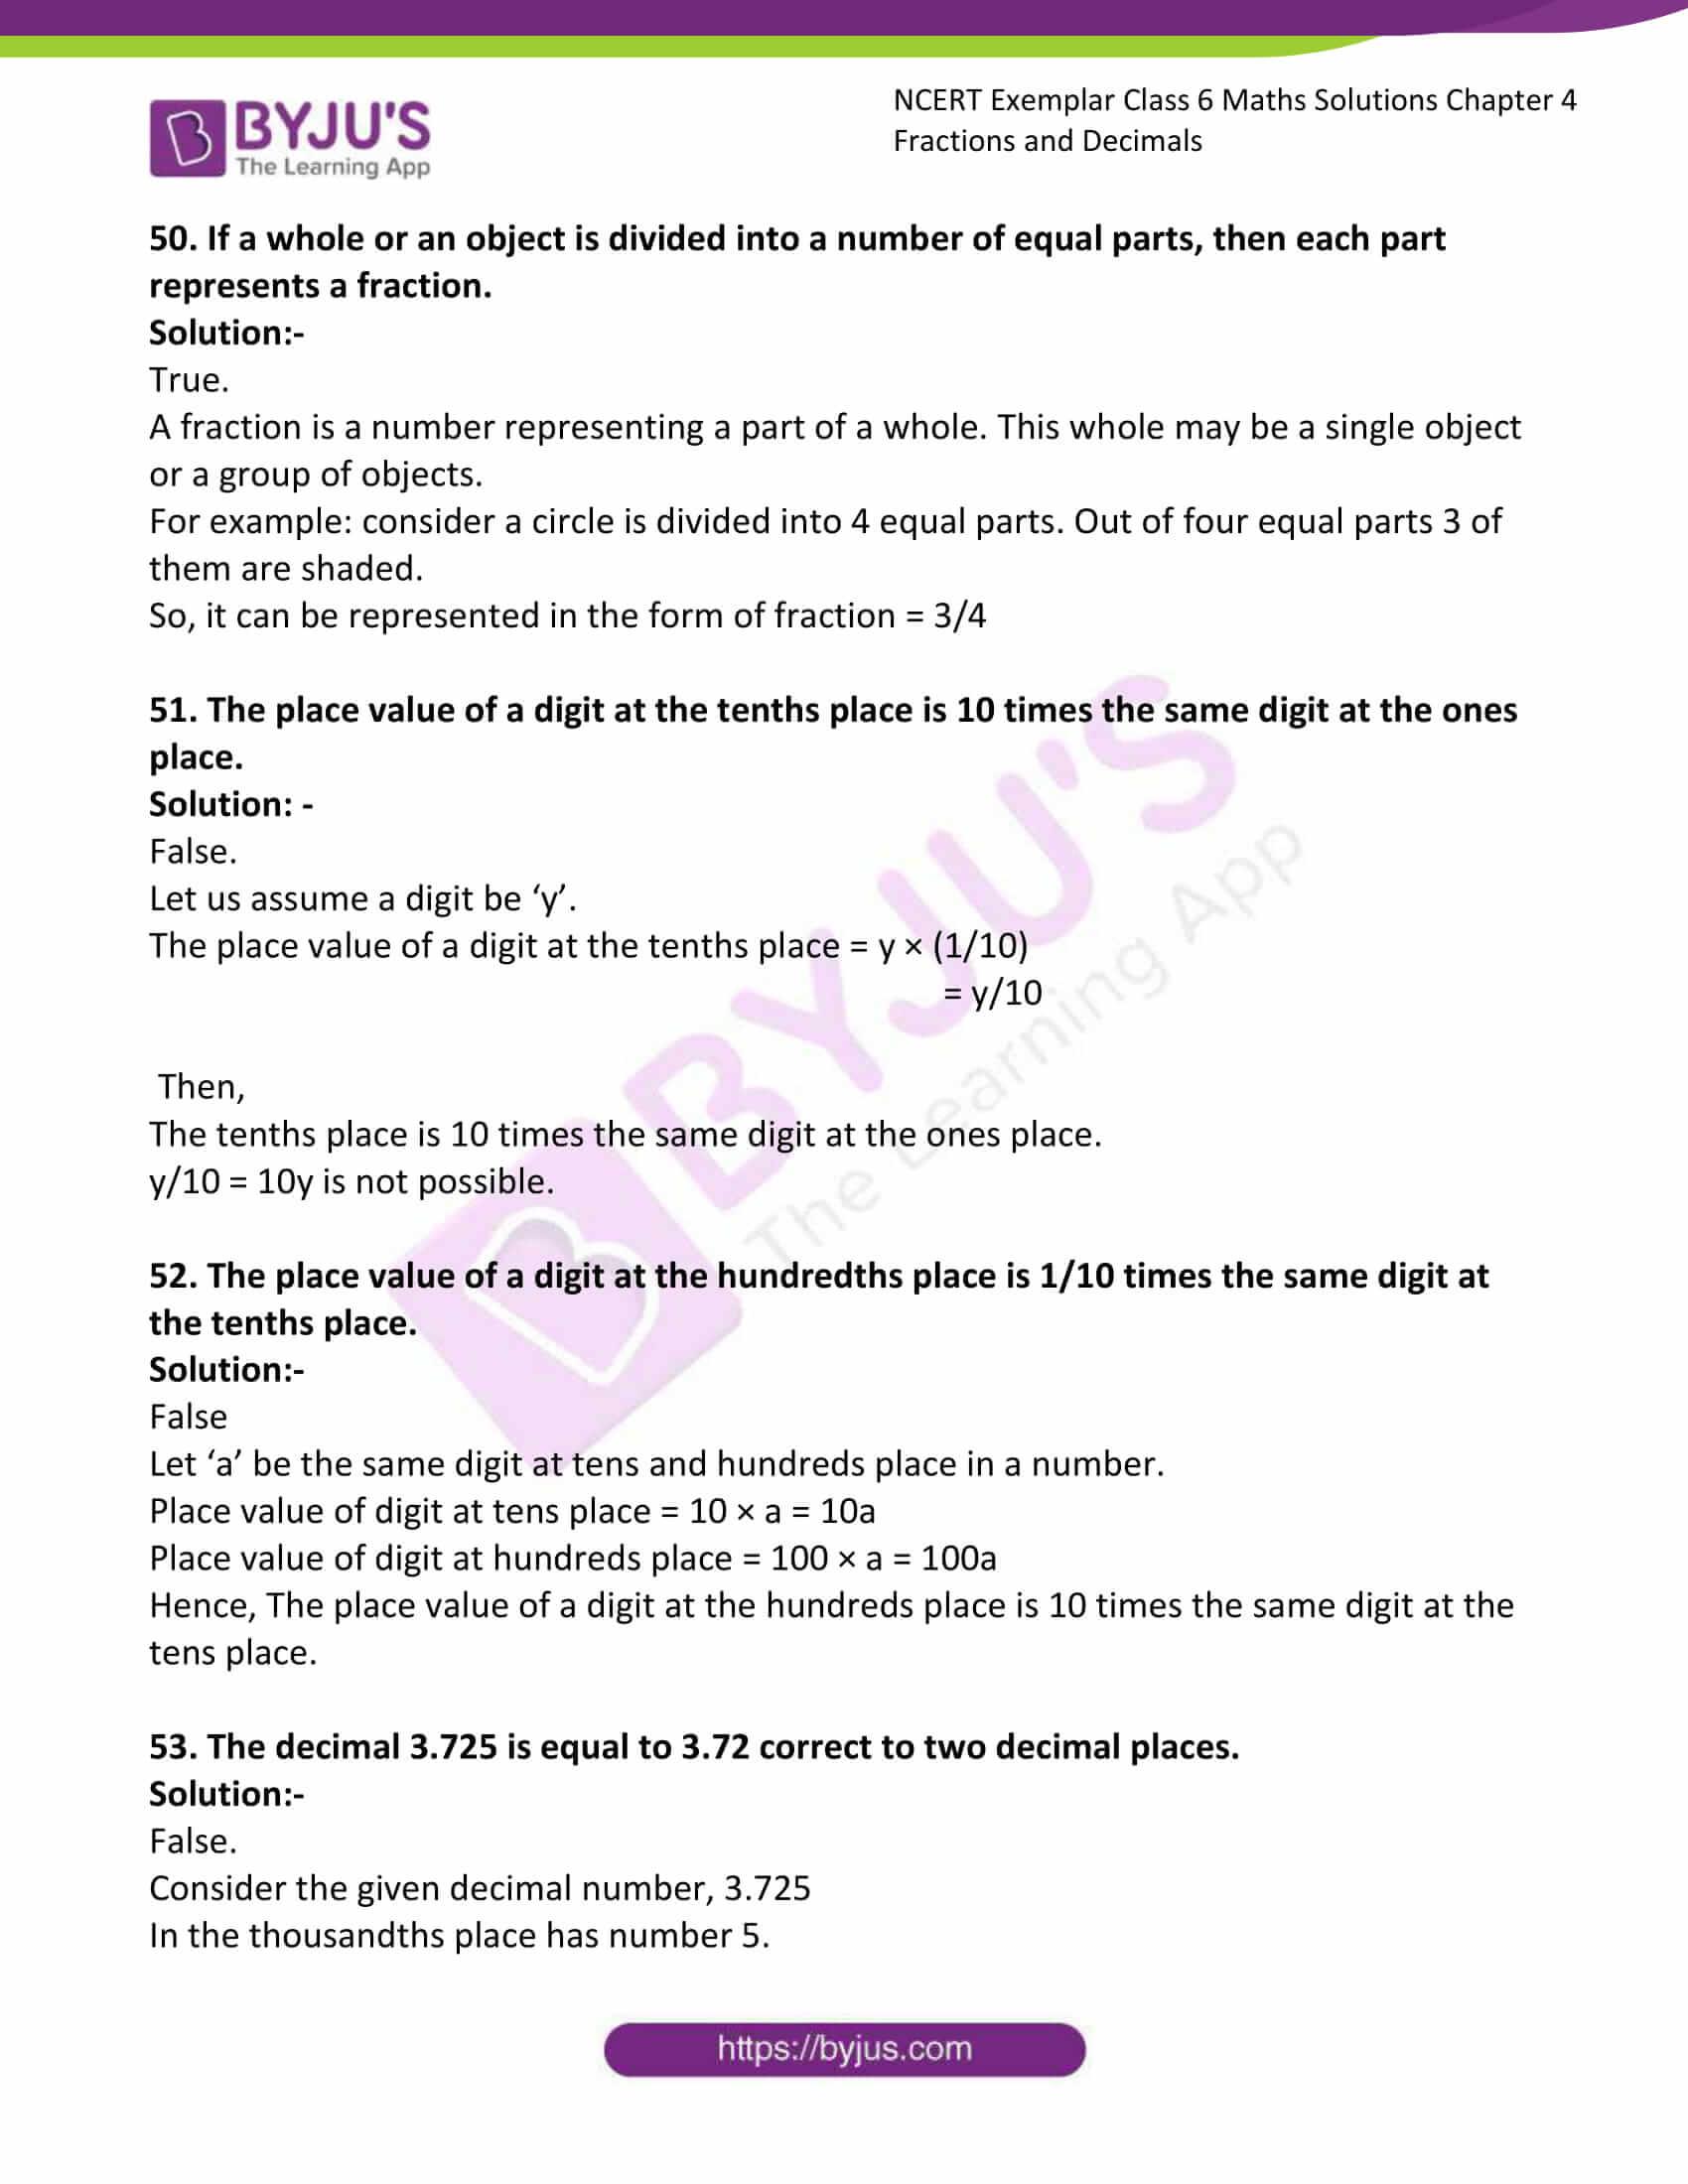 ncert exemplar class 6 maths sol ch 4 12